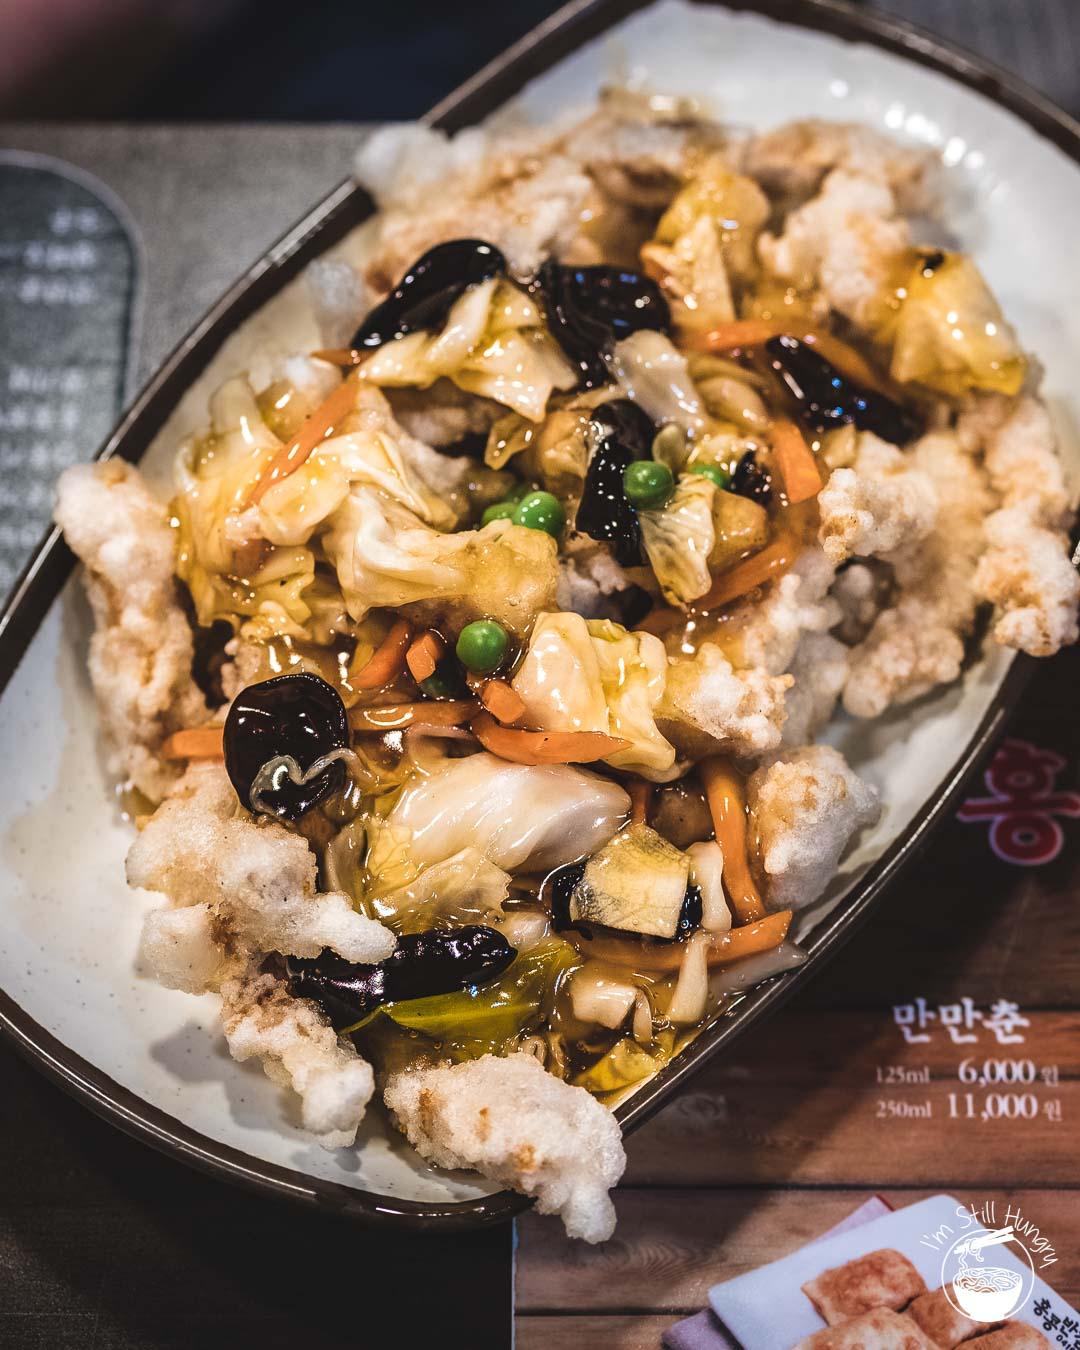 Hong Kong Banjum 0410 Plus